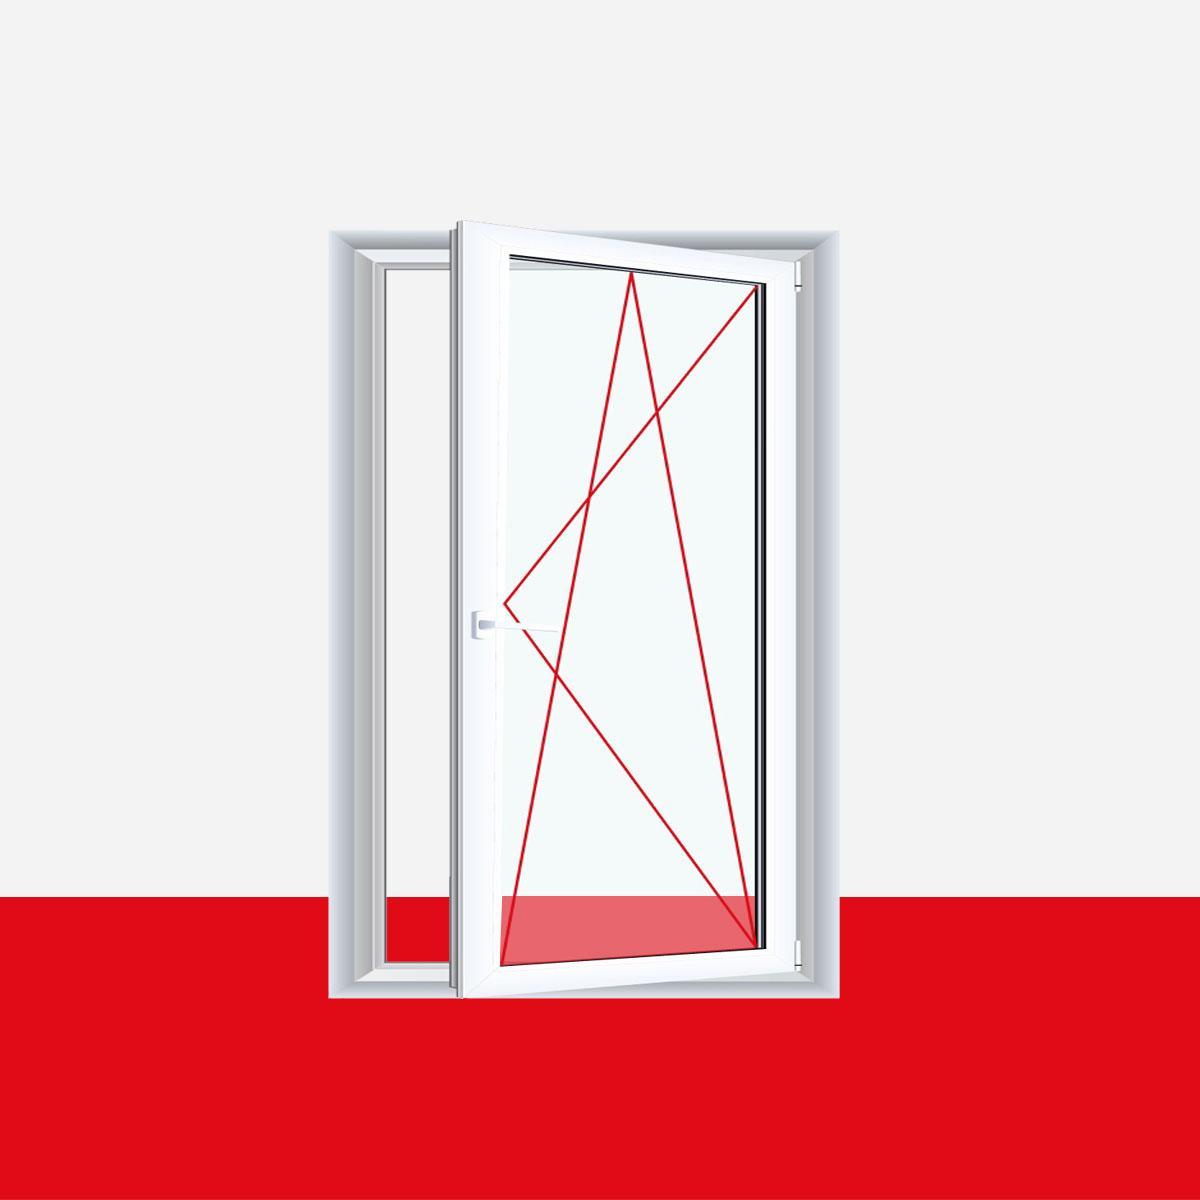 fenster master carre 1 flg dreh kipp kunststofffenster ornament master carre shop fenster 1. Black Bedroom Furniture Sets. Home Design Ideas